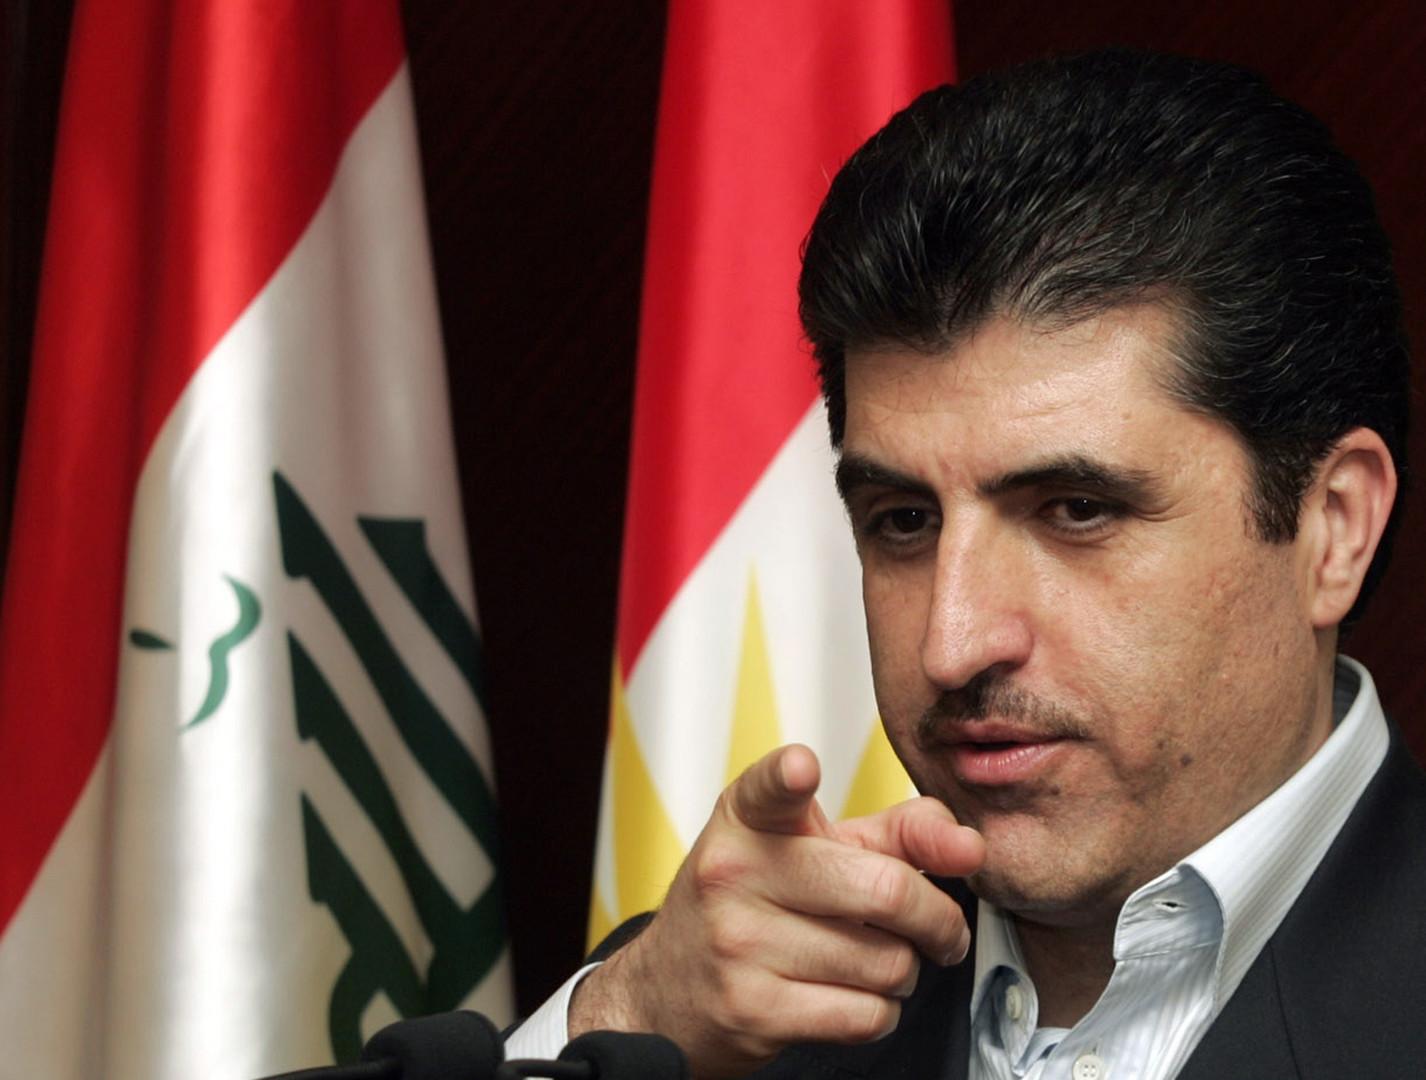 واشنطن تؤيد قصف تركيا لمواقع حزب العمال الكردستاني